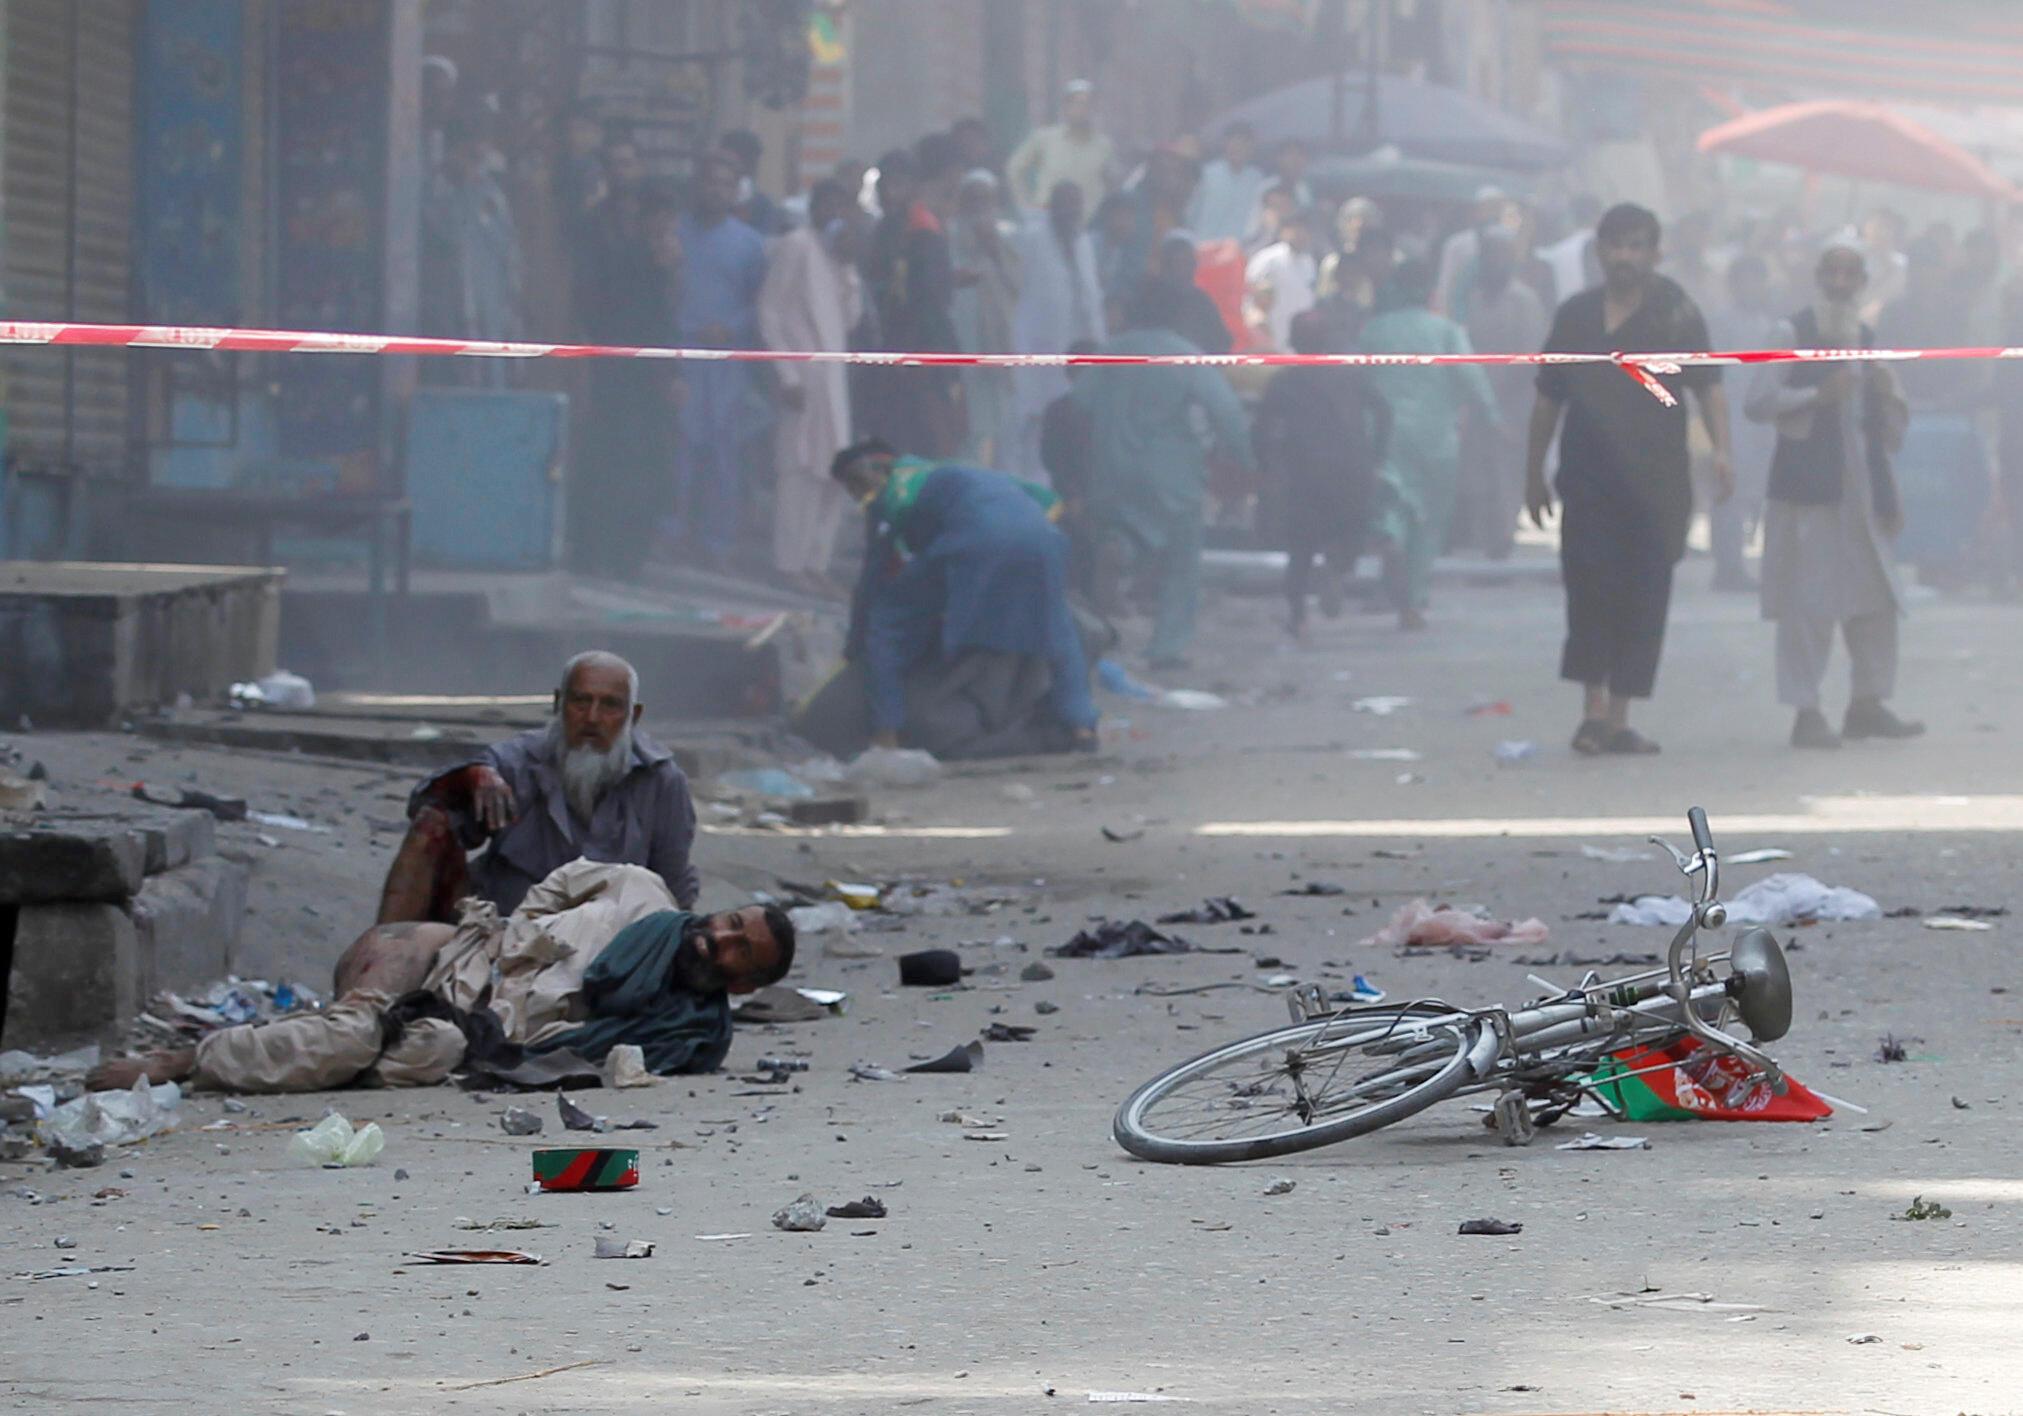 انفجارهایی که روز دوشنبه ٢٨ مرداد/ ١٩ اوت در بخشهایی از ولایت ننگرهار بوقوع پیوست، بیشترین تعداد زخمی را در شهر جلالآباد به جای گذاشت.